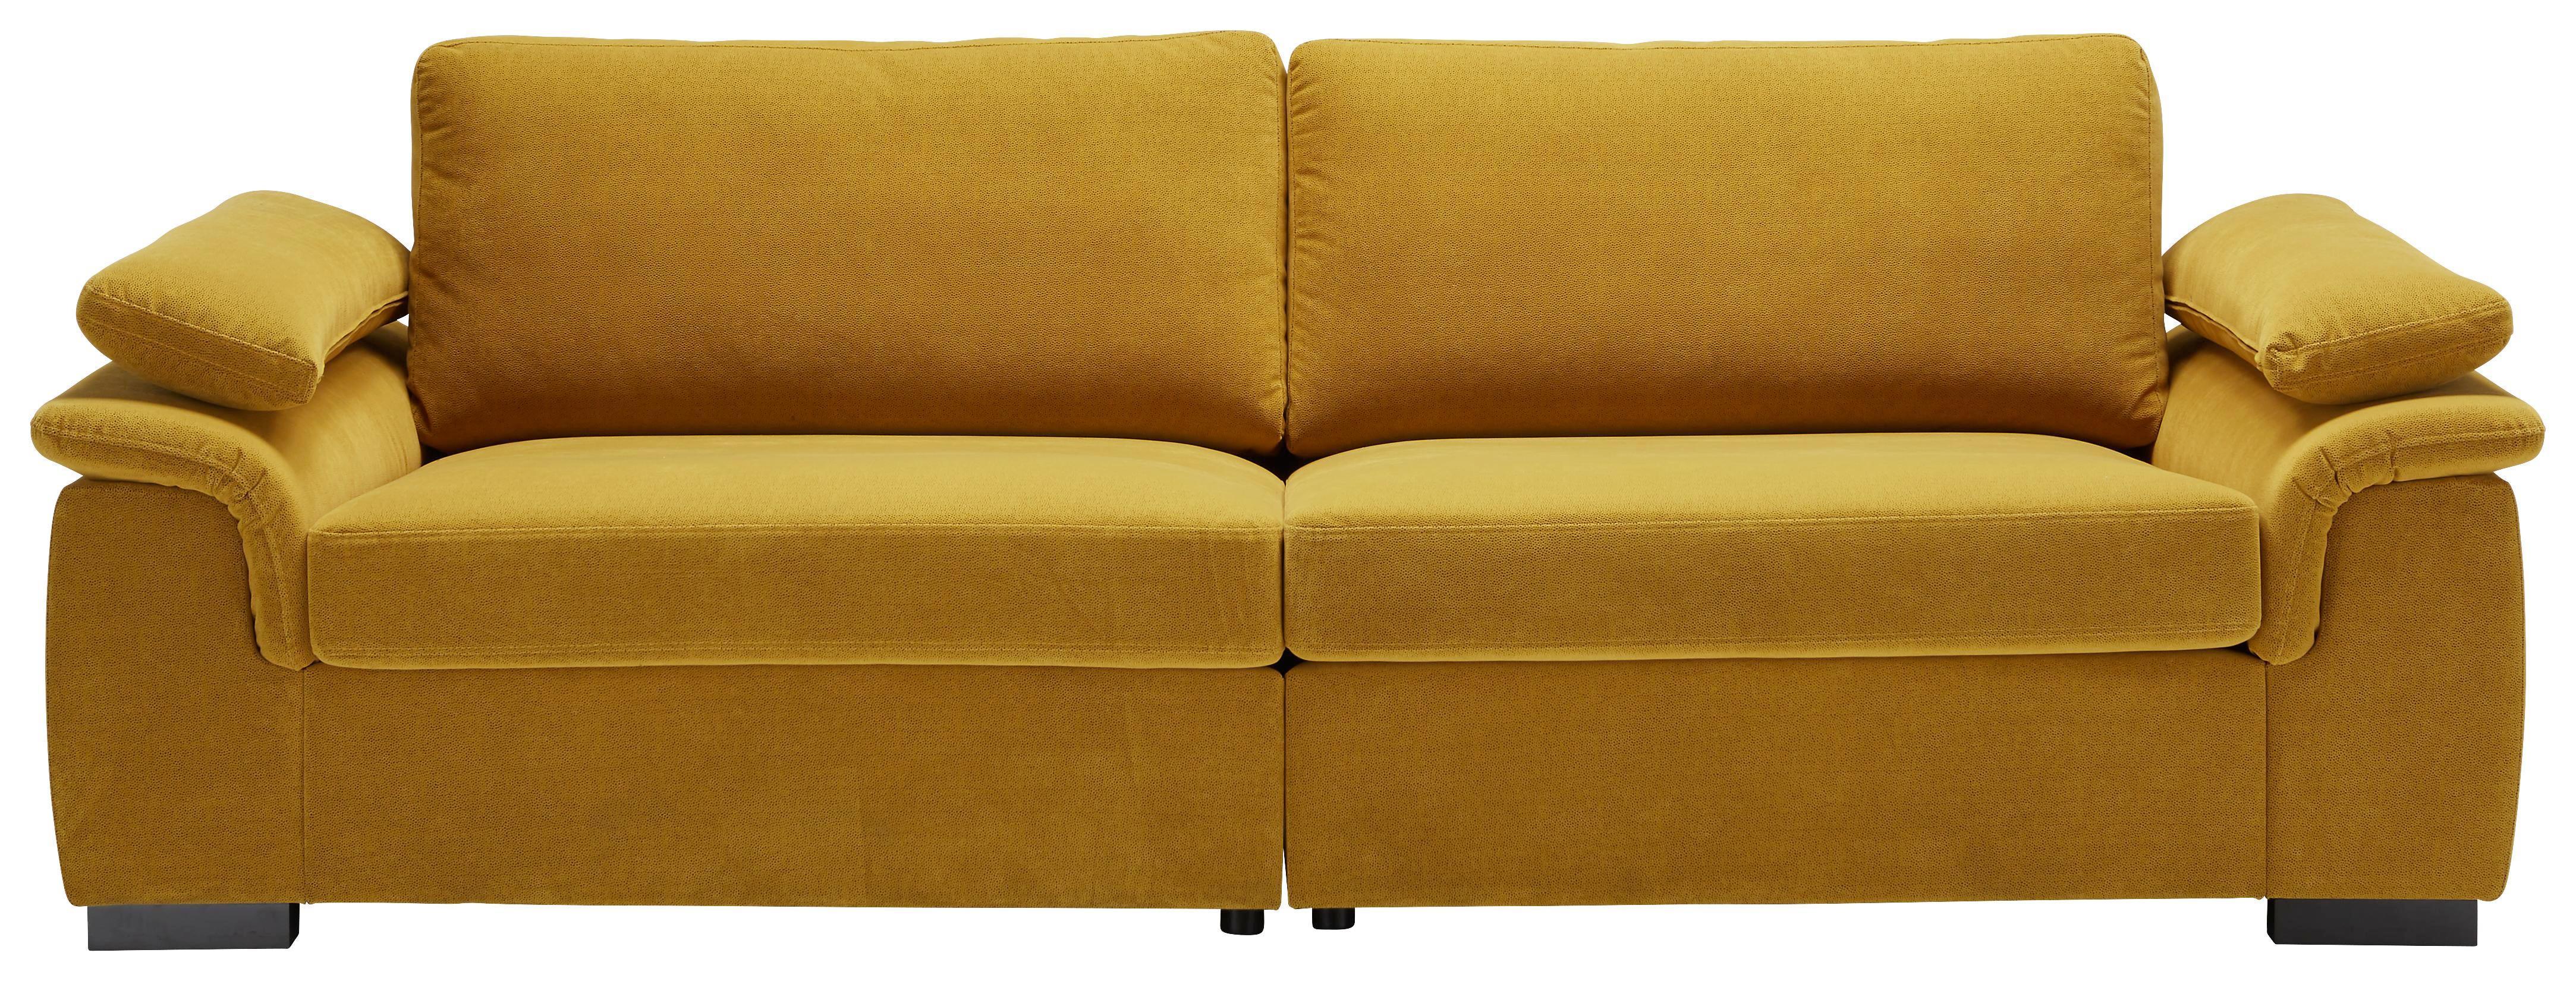 Sofa In Gelb Online Kaufen ➤ Mömax